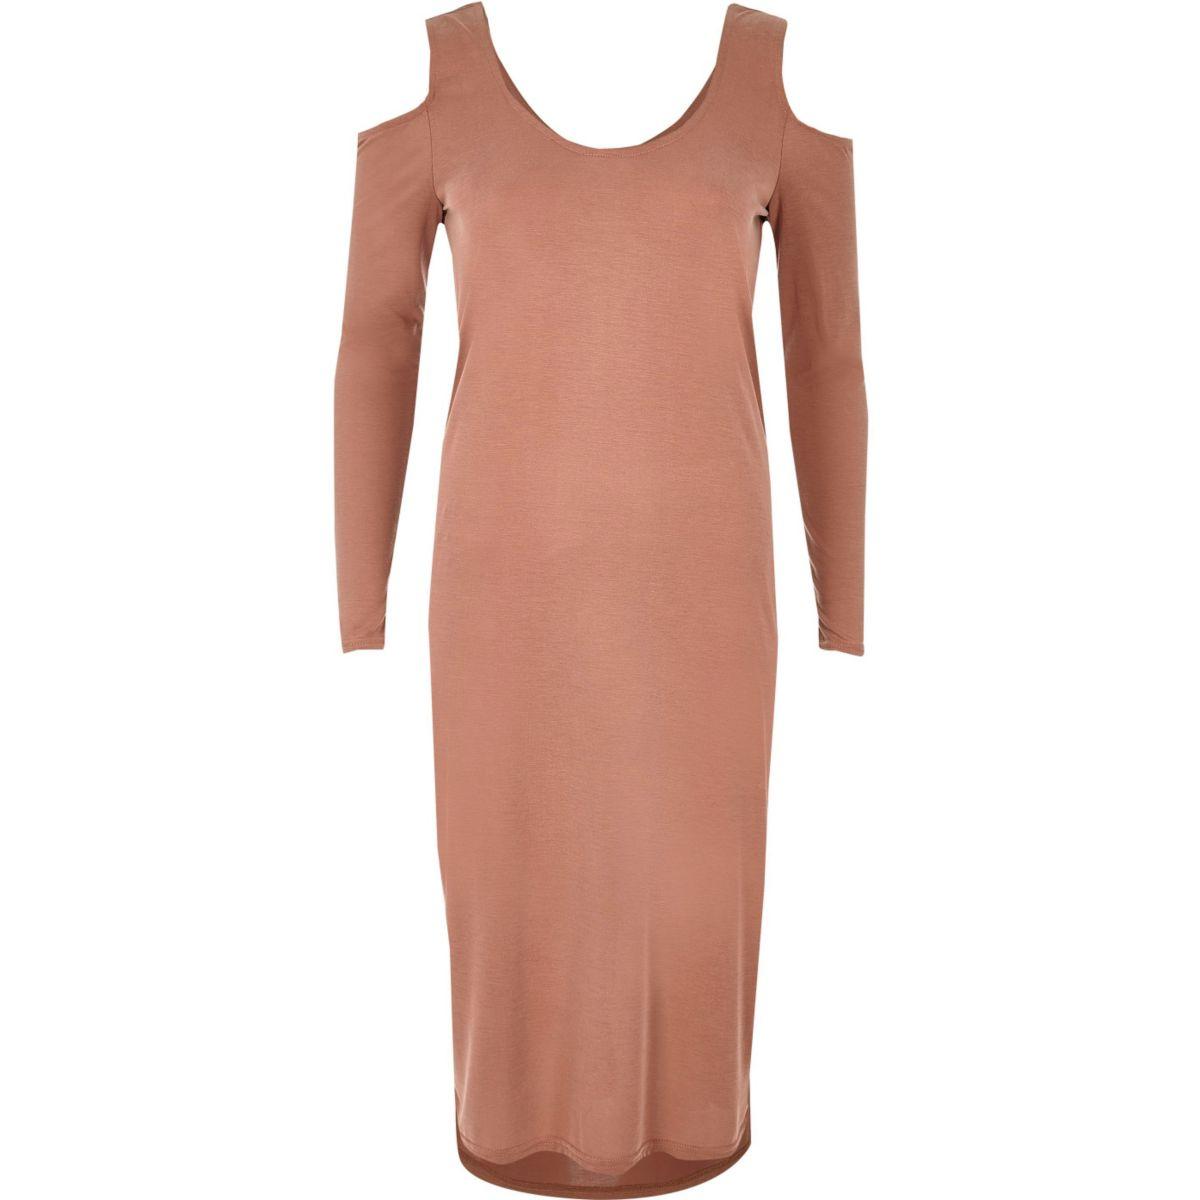 Light pink cold shoulder column dress